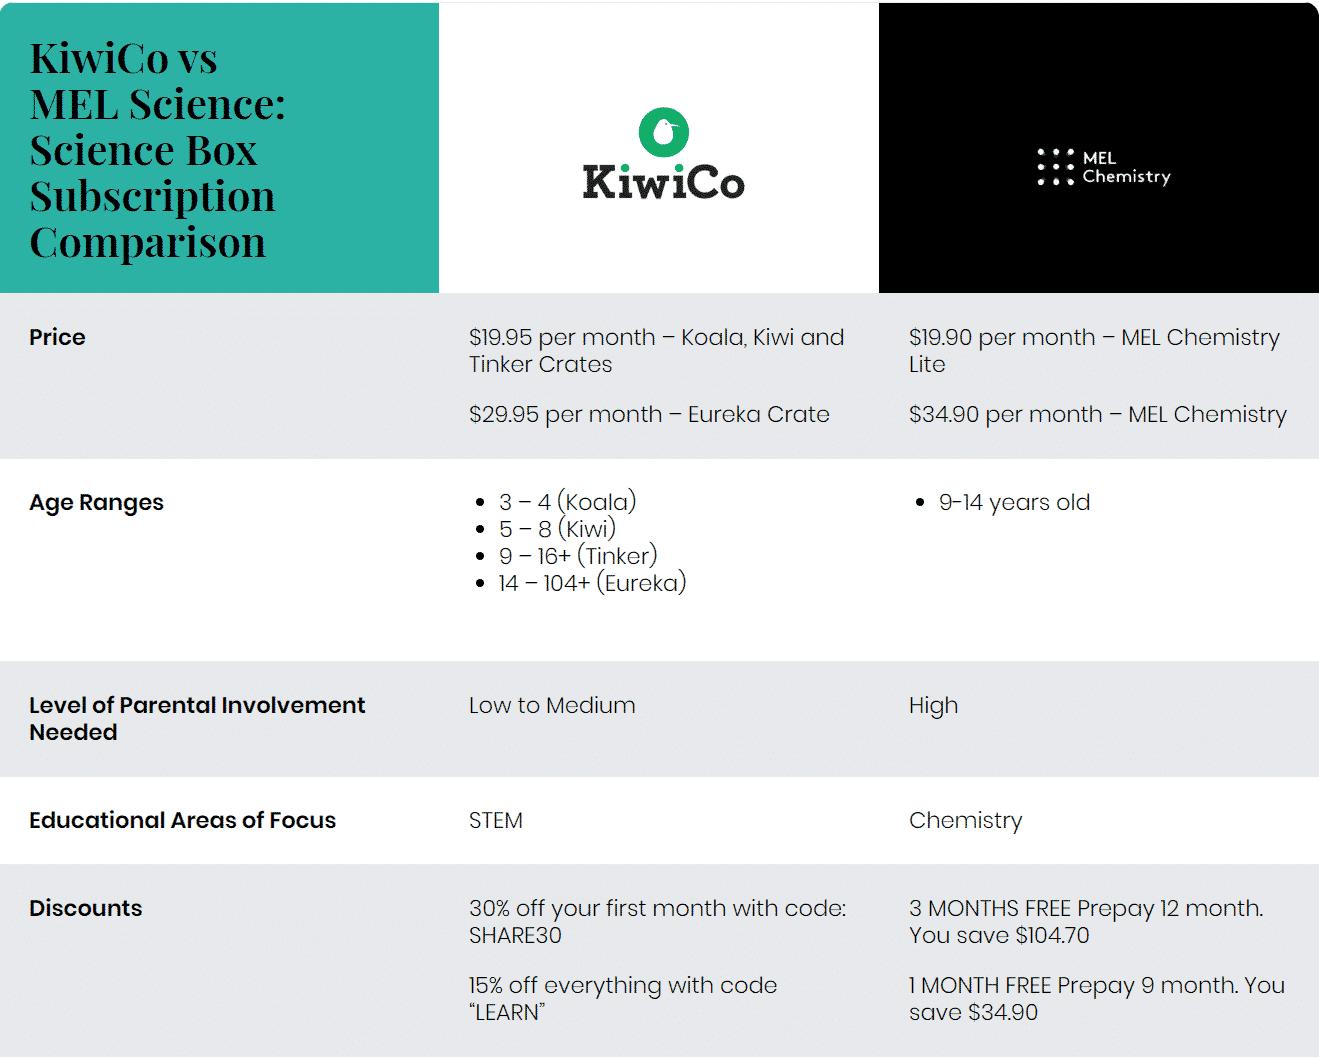 iwiCo vs MEL Science: Science Box Subscription Comparison